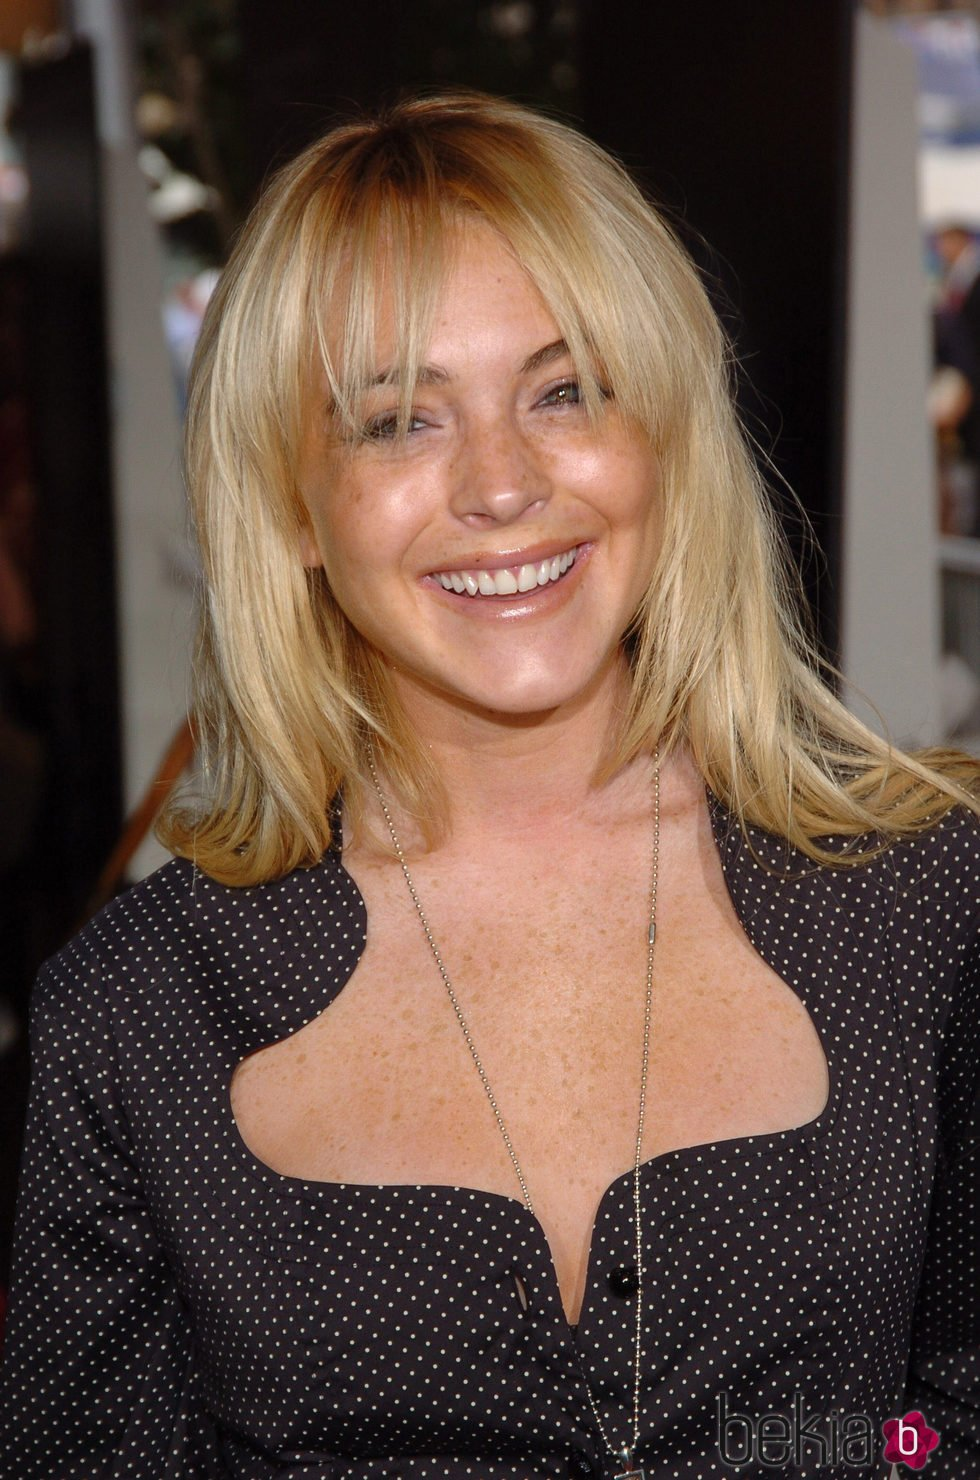 Lindsay Lohan con el cabello liso y rubio con flequillo